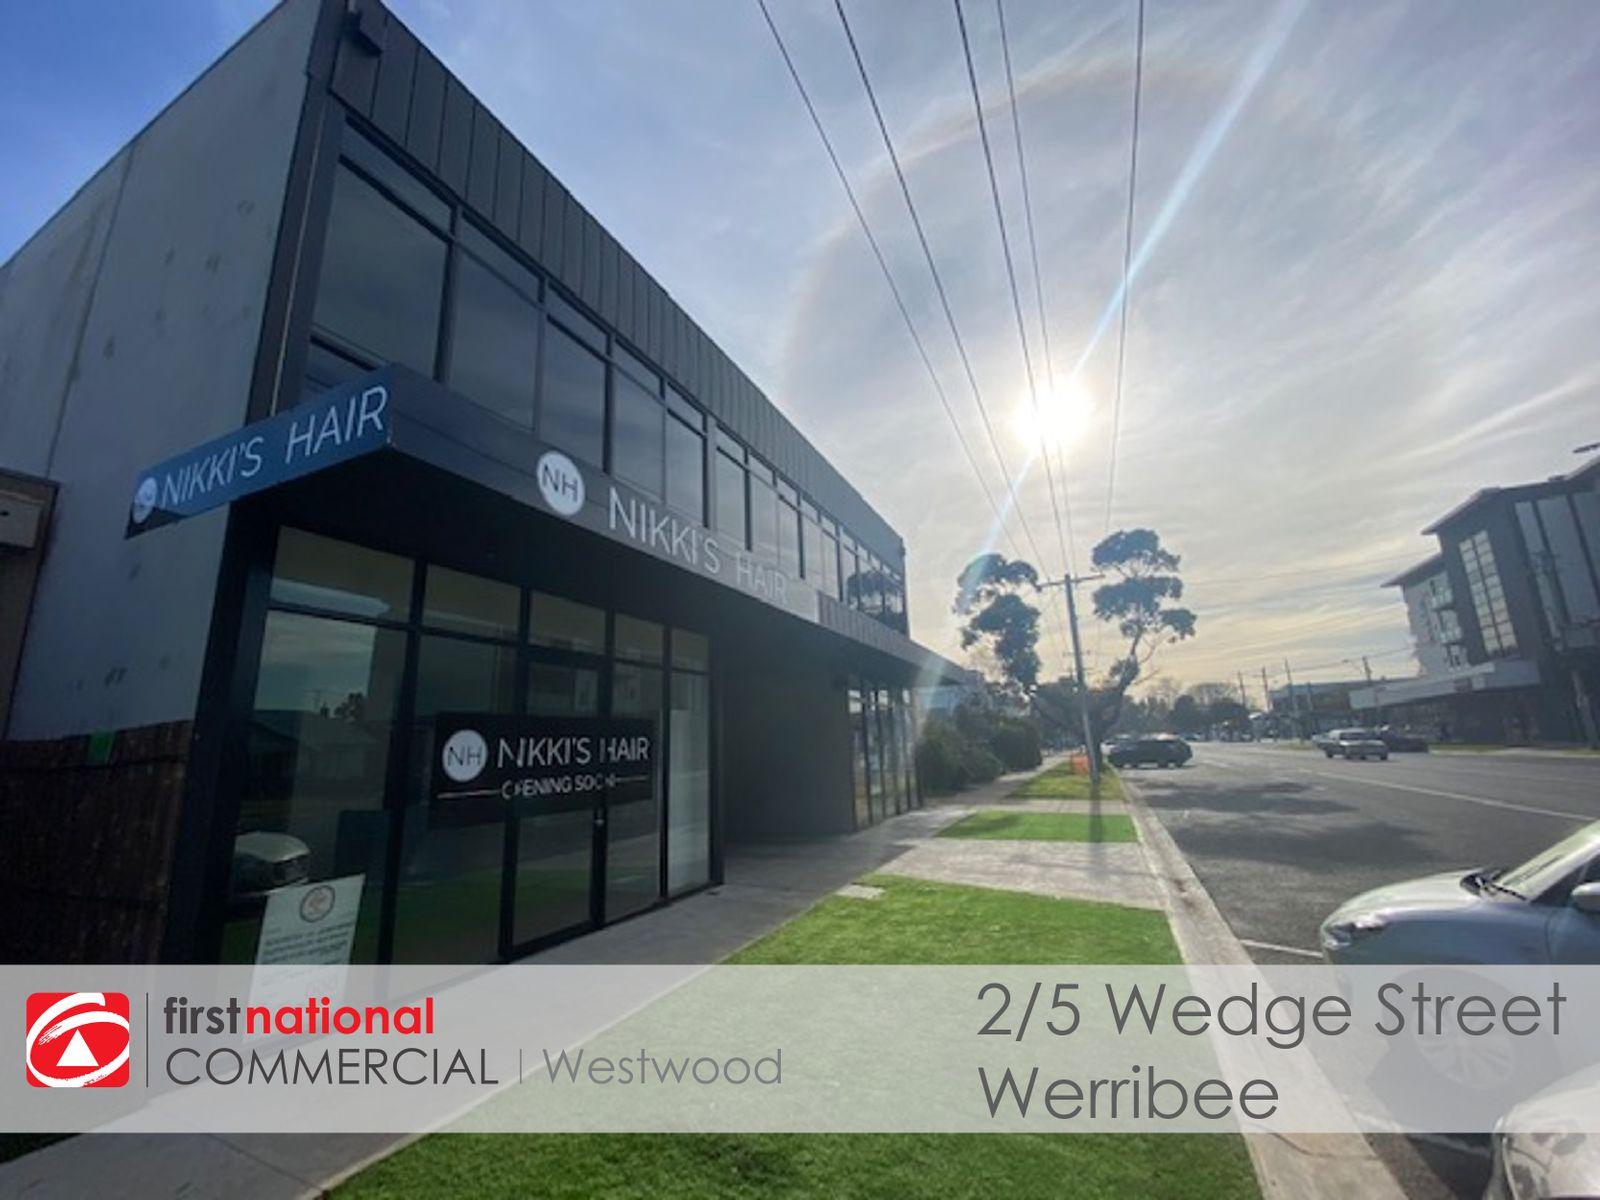 2/5 Wedge Street South, Werribee, VIC 3030